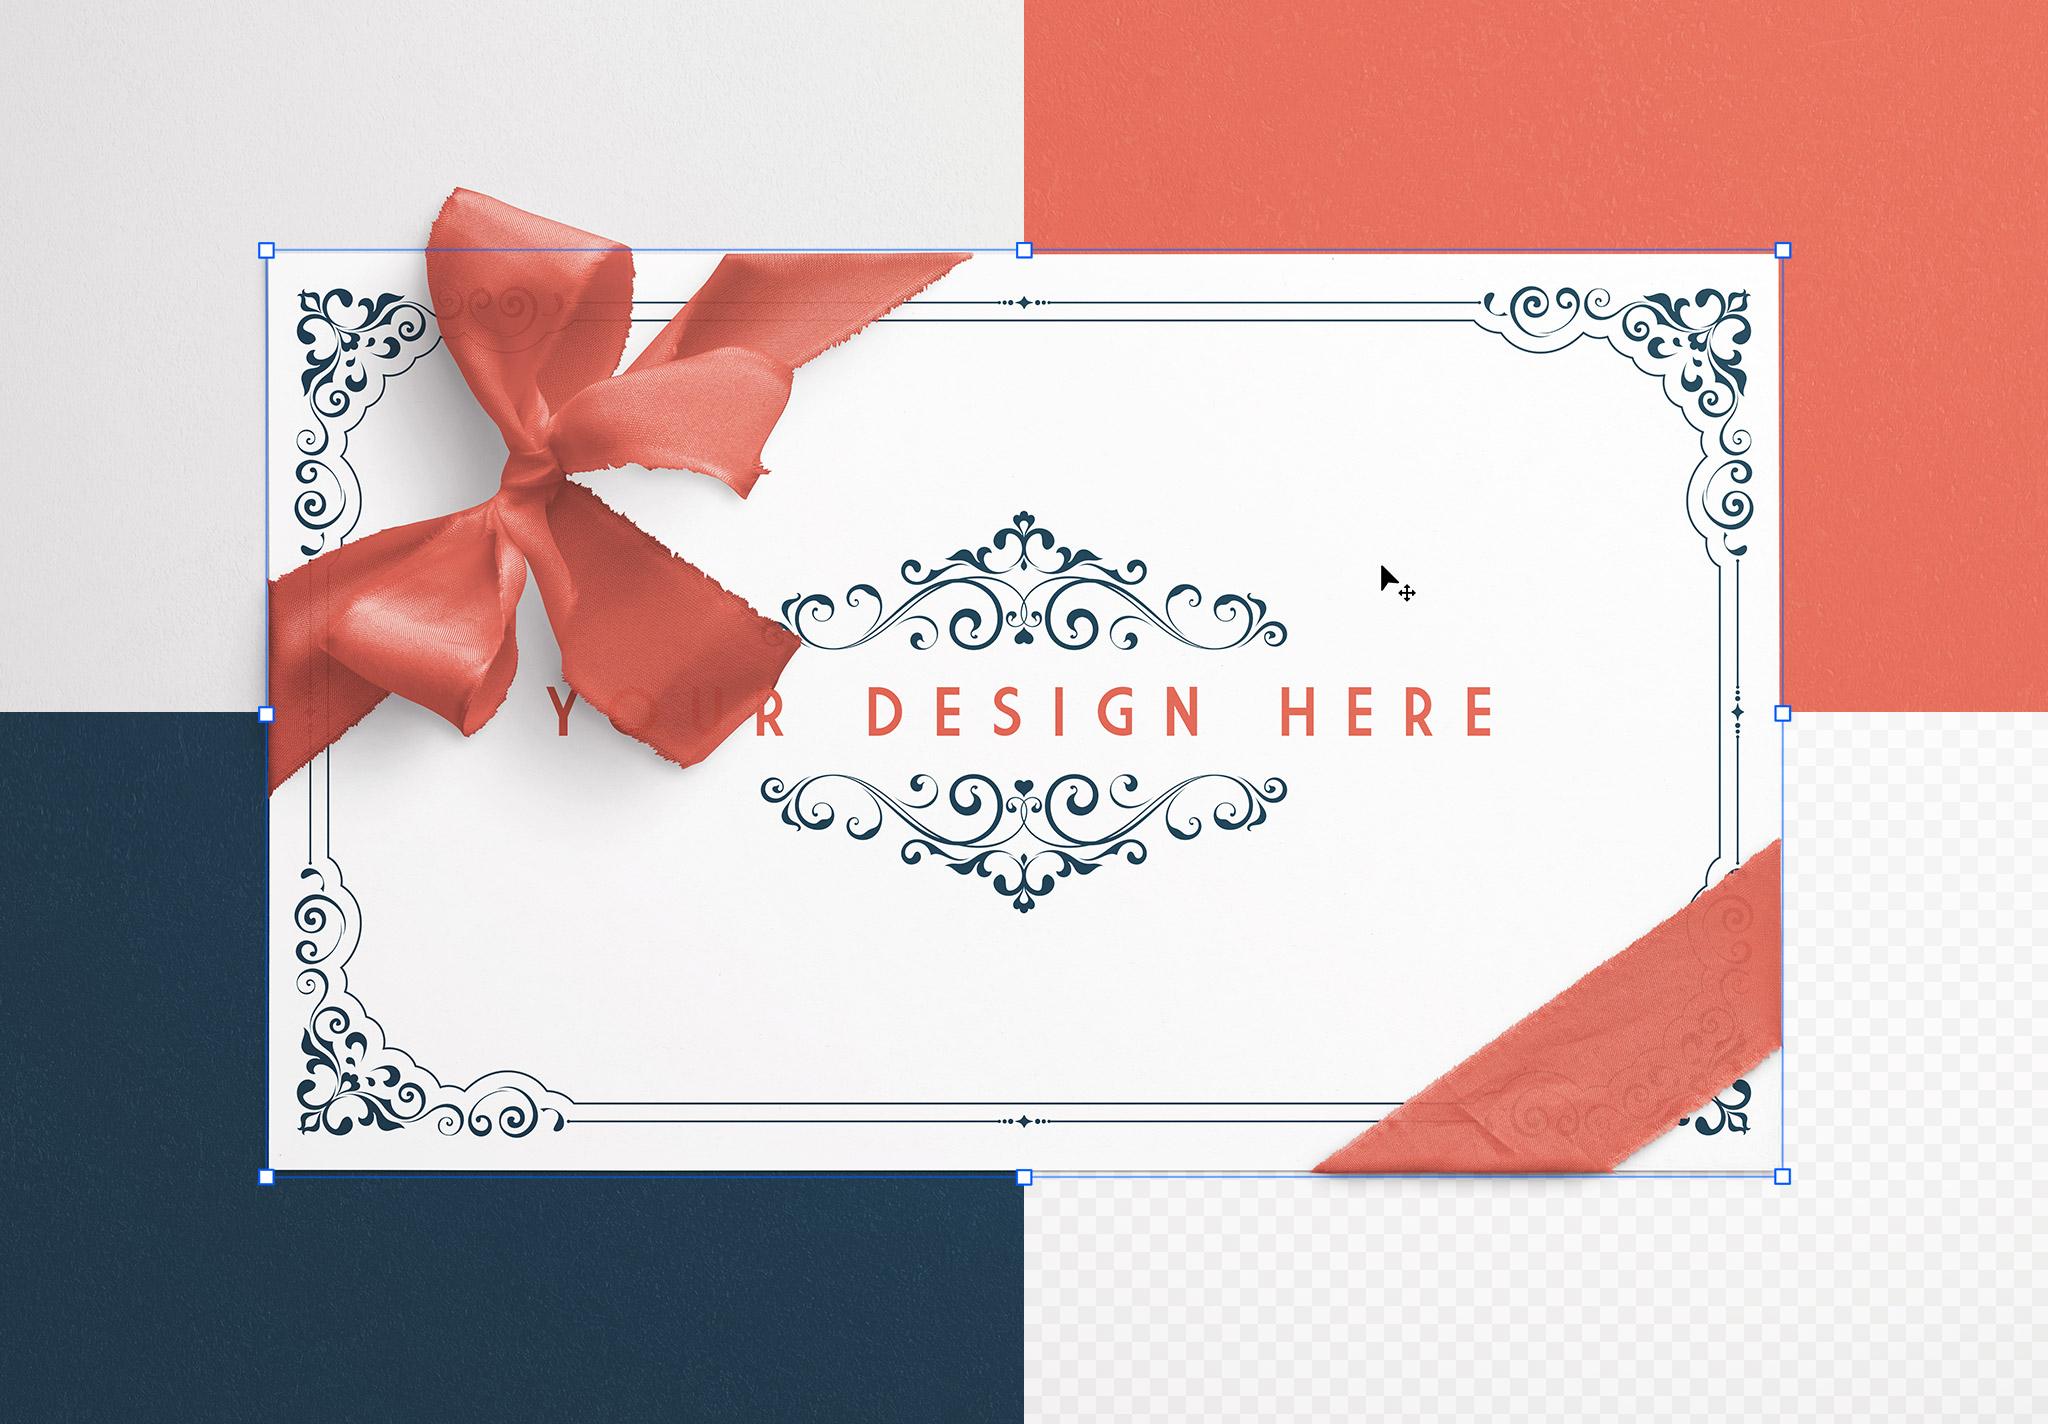 Card With Ribbons Mockup 7 image02